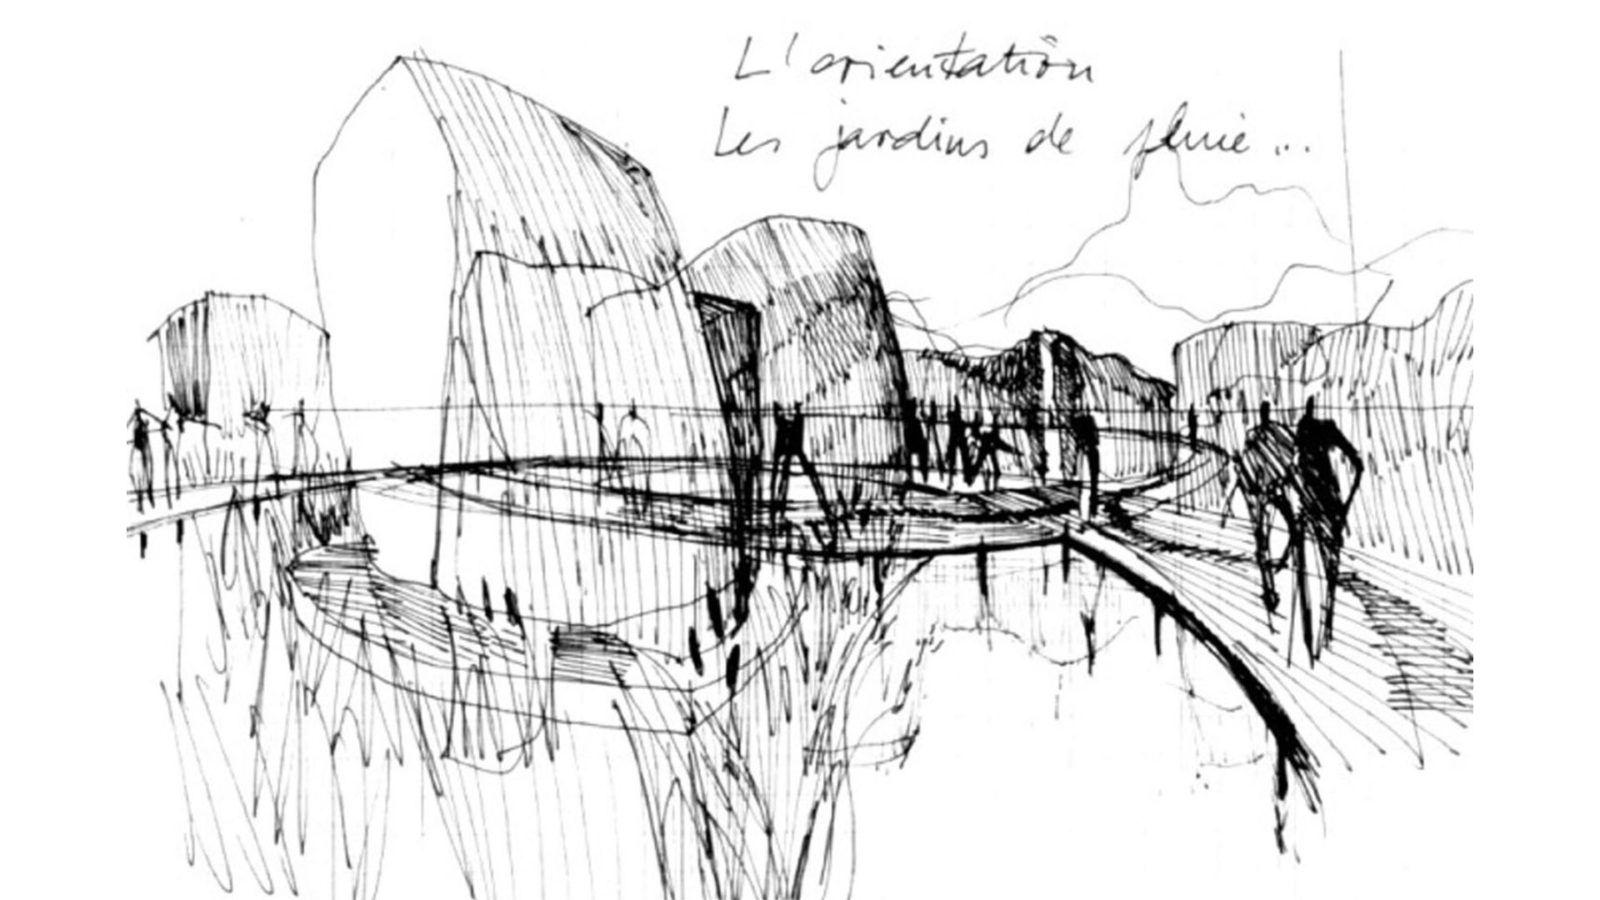 Jardin scientifique et culturel de l'île du Mont Bart - Mutabilis